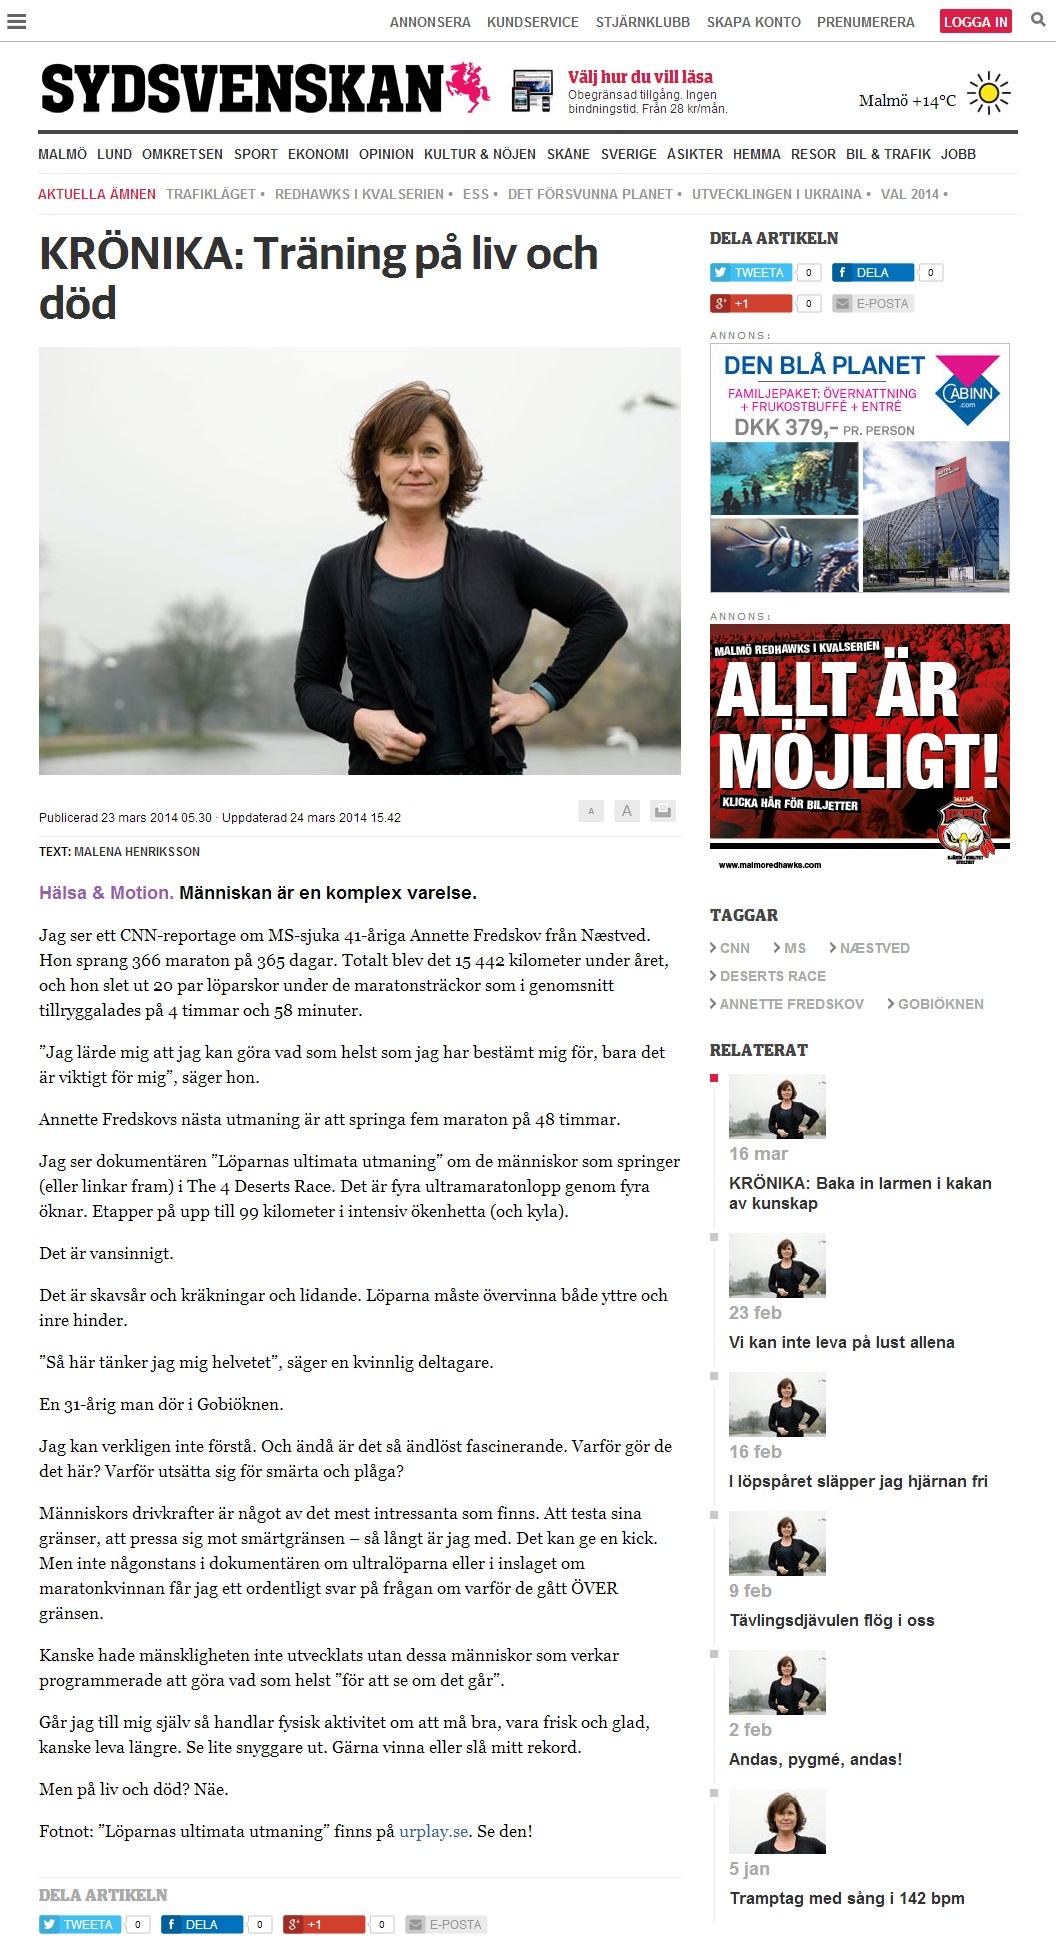 sydsvenskan.se 2014.03.23 svensk